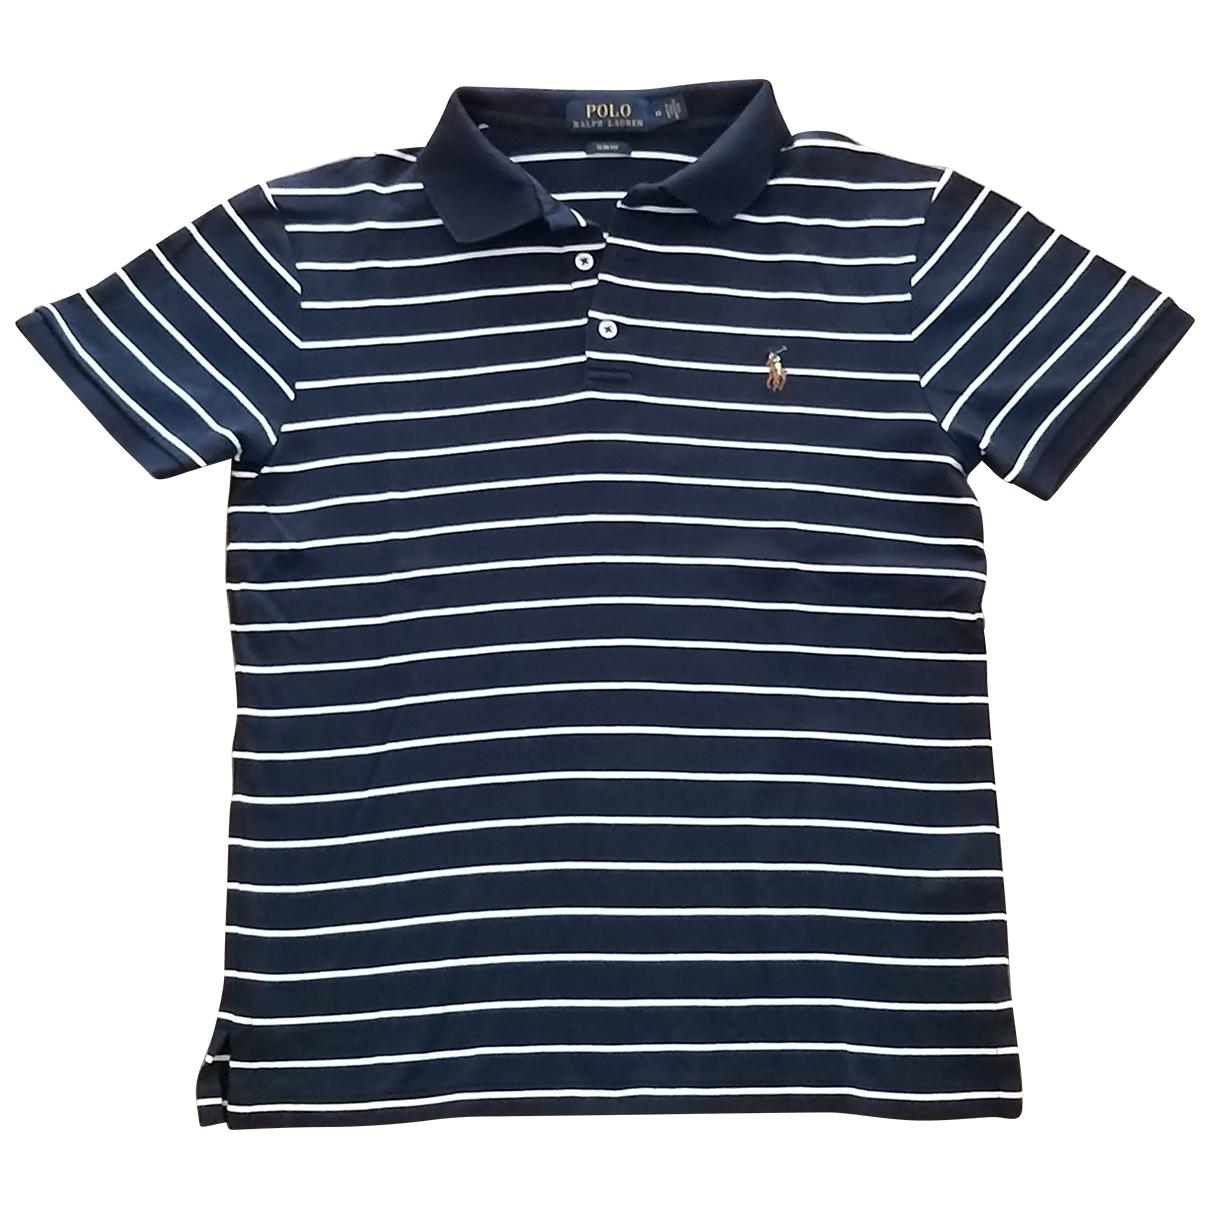 Polo Ralph Lauren - Polos Polo cintre manches courtes pour homme en coton - bleu